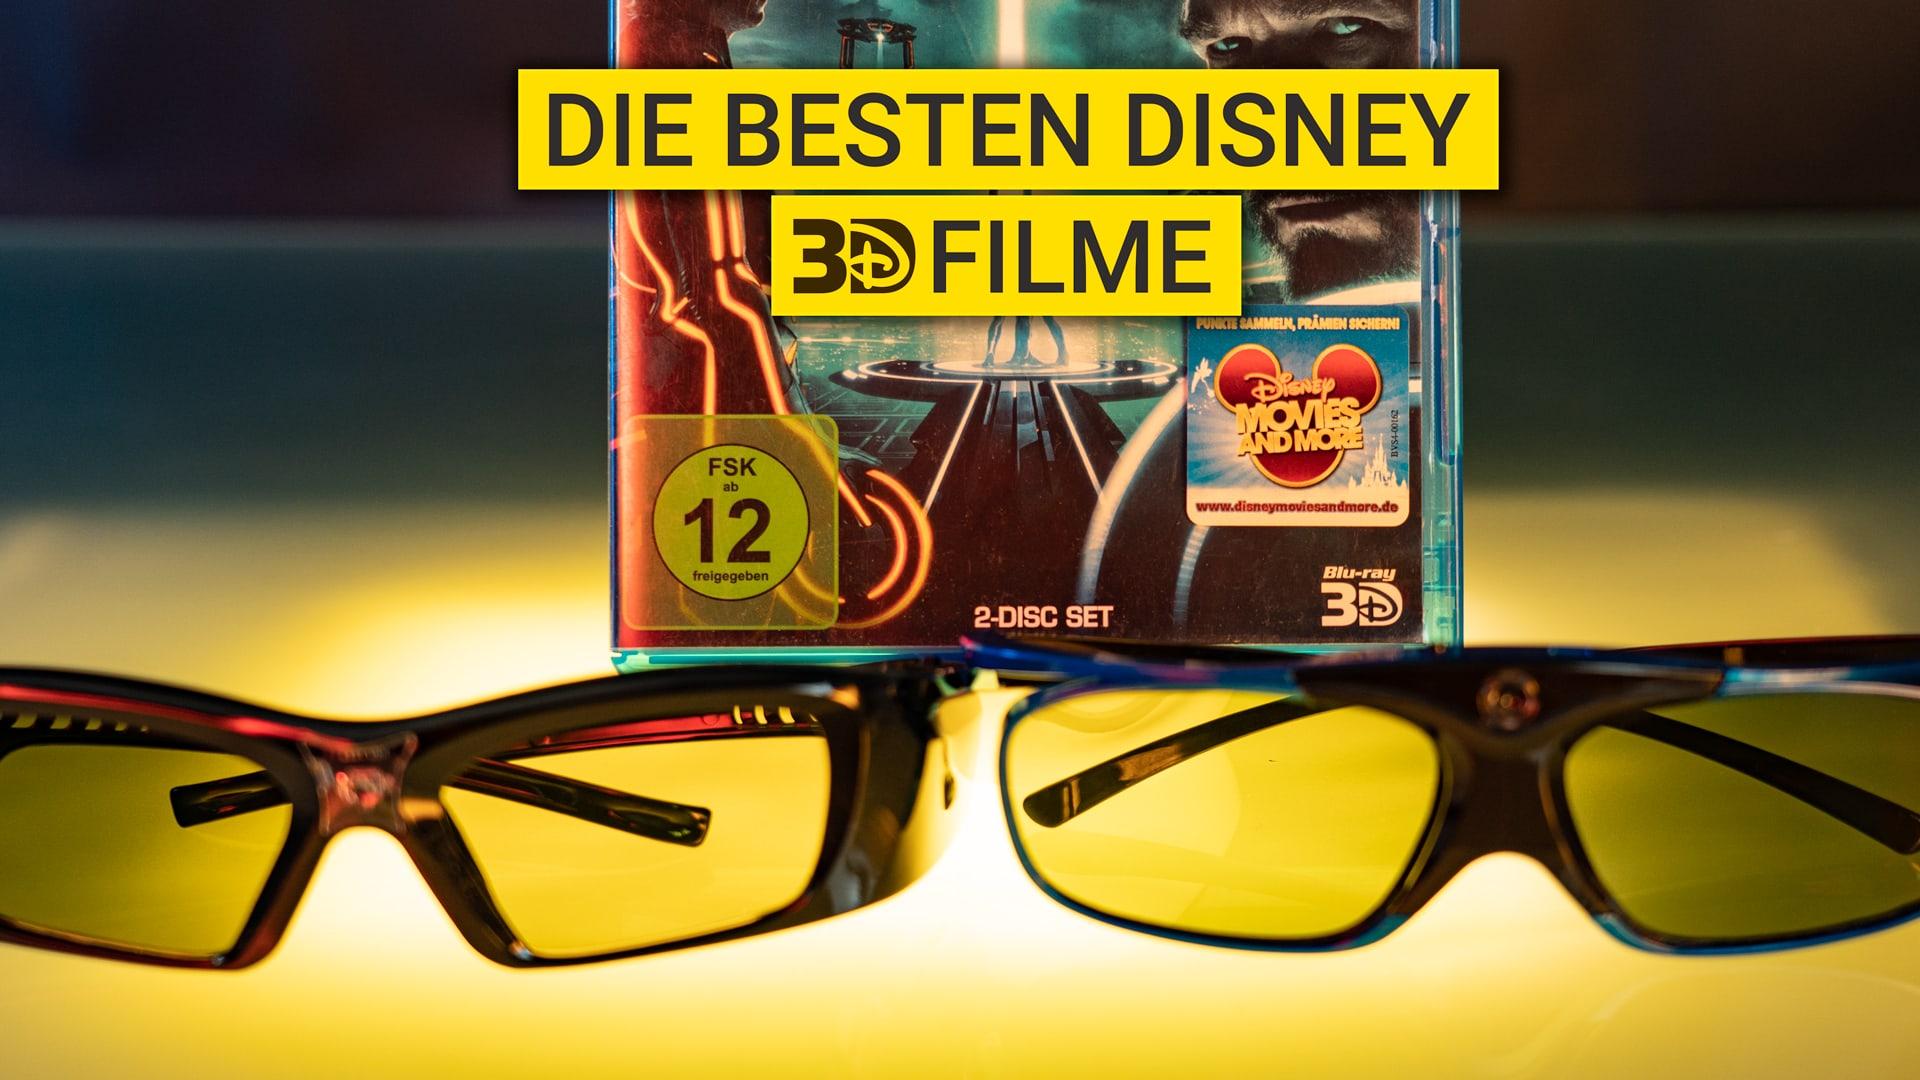 Die Besten Disney 3D Filme